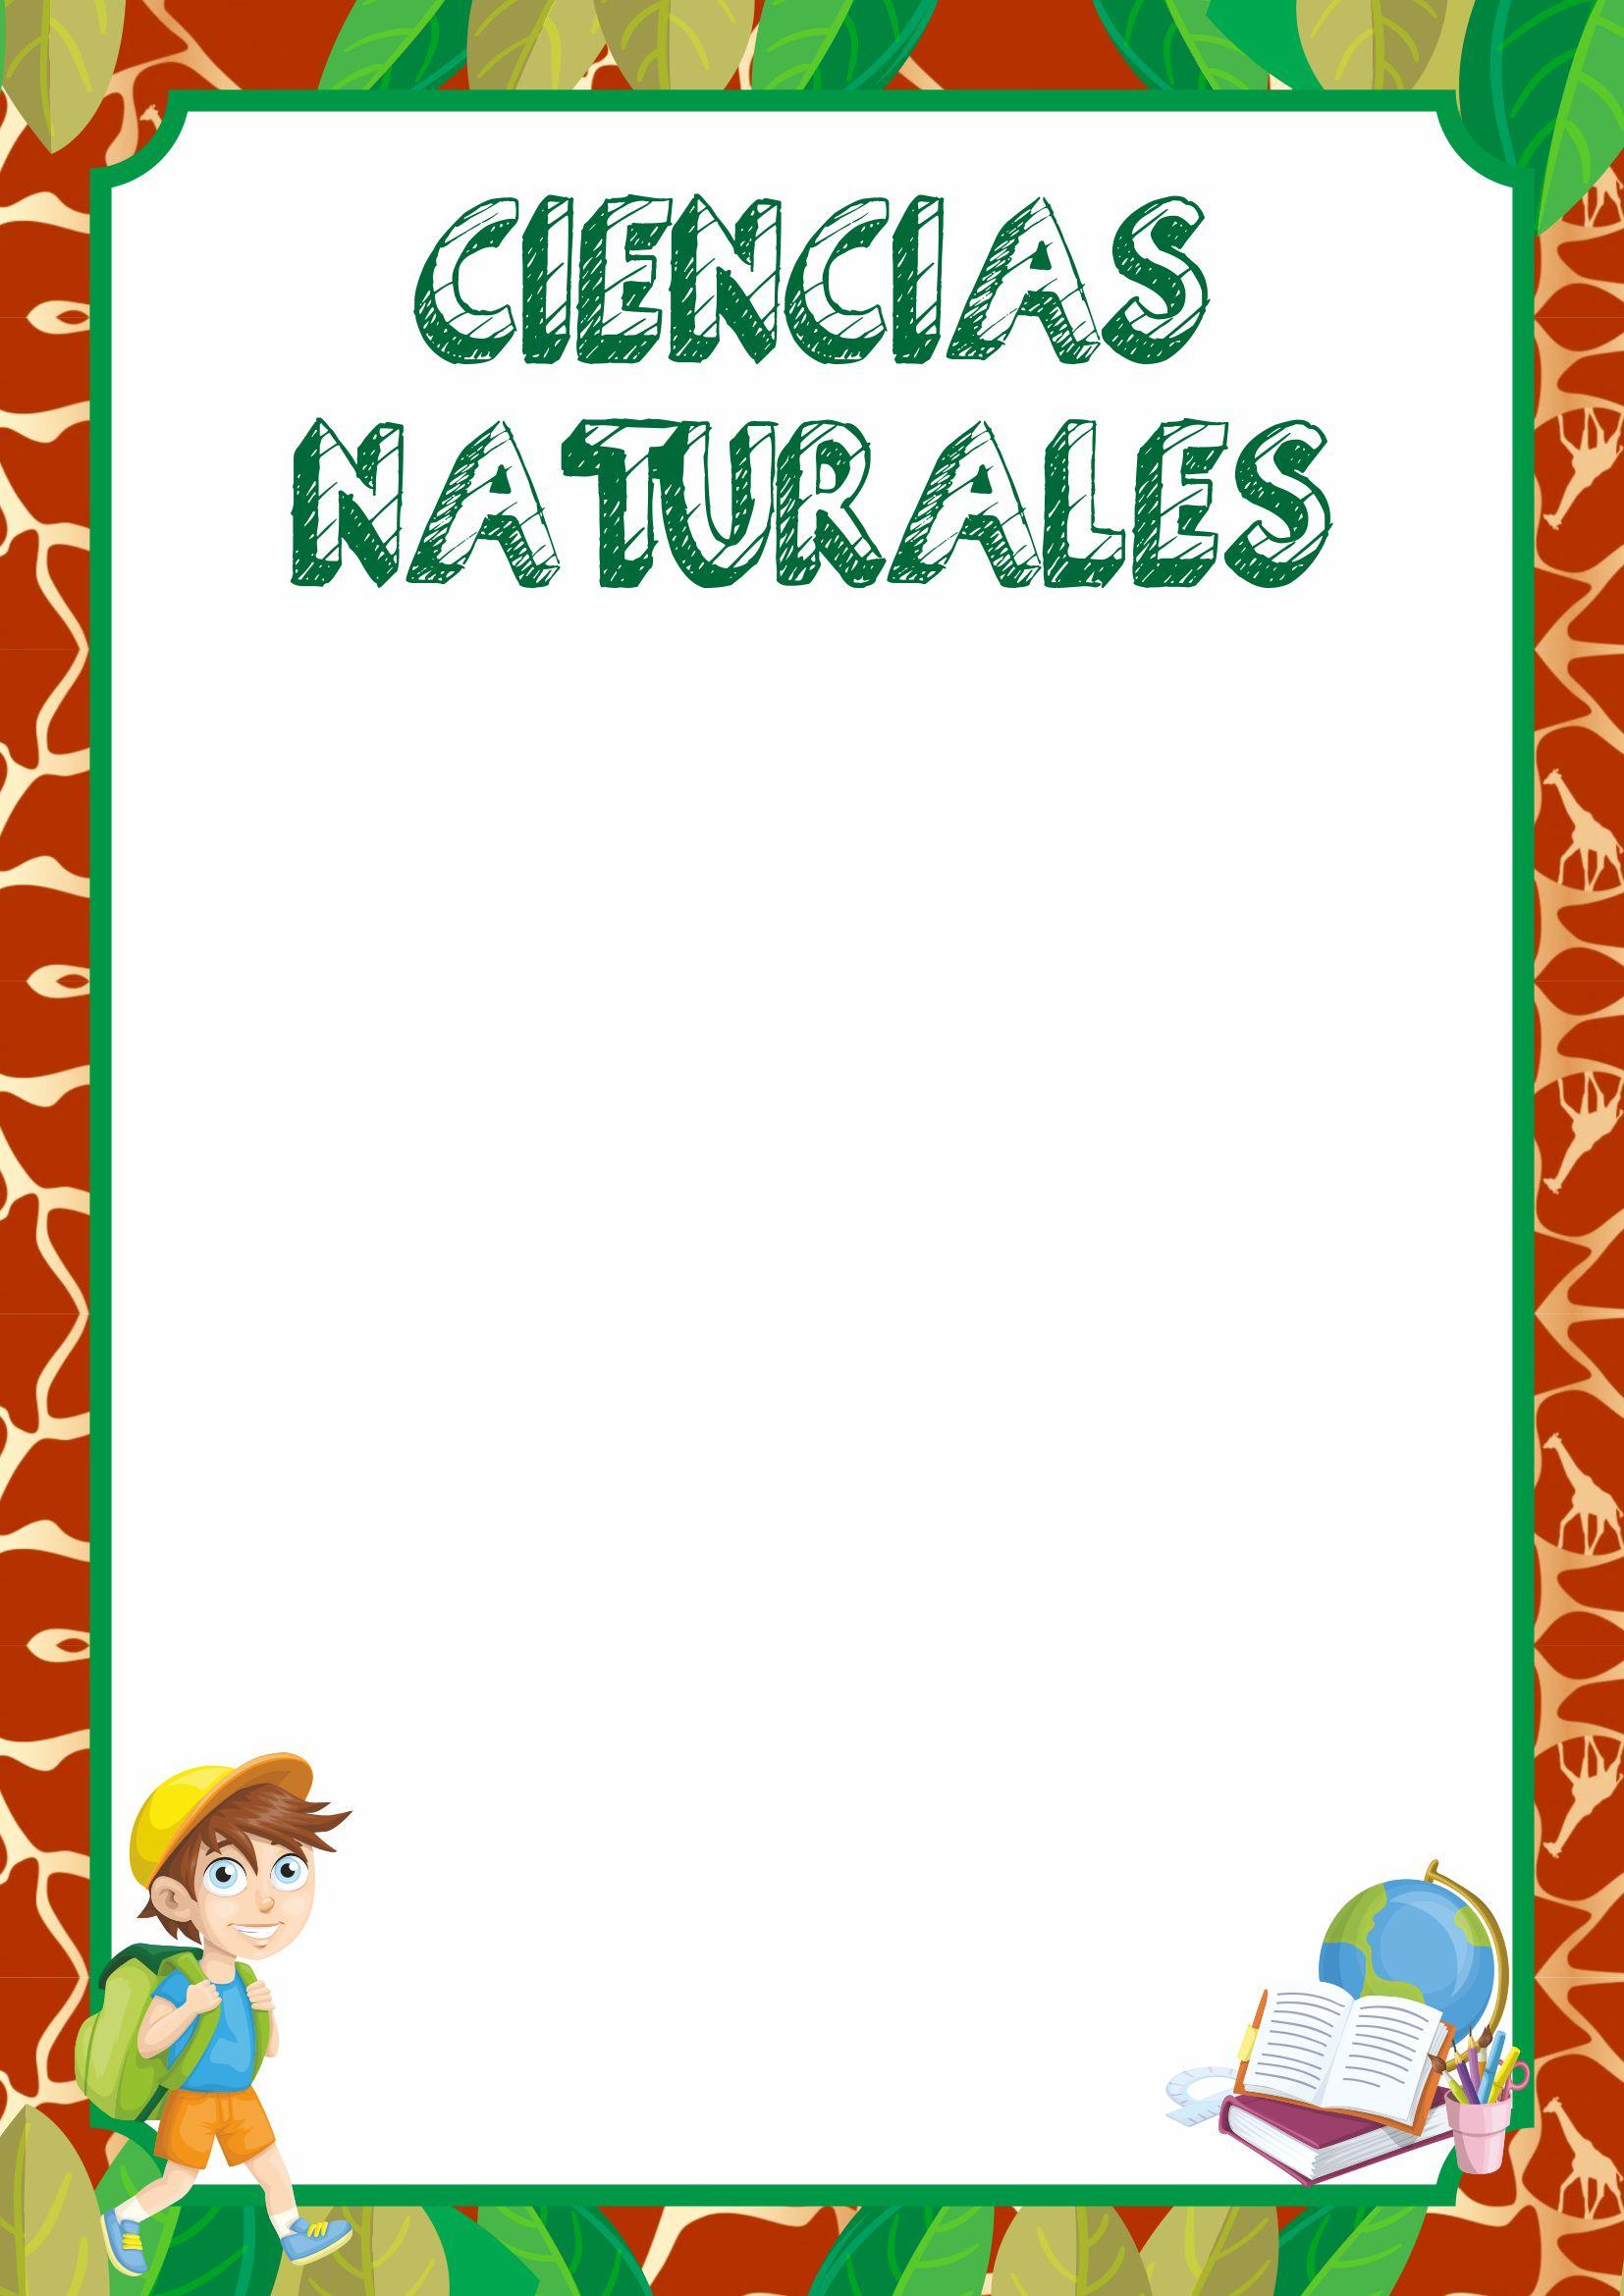 caratulas  de ciencias naturales